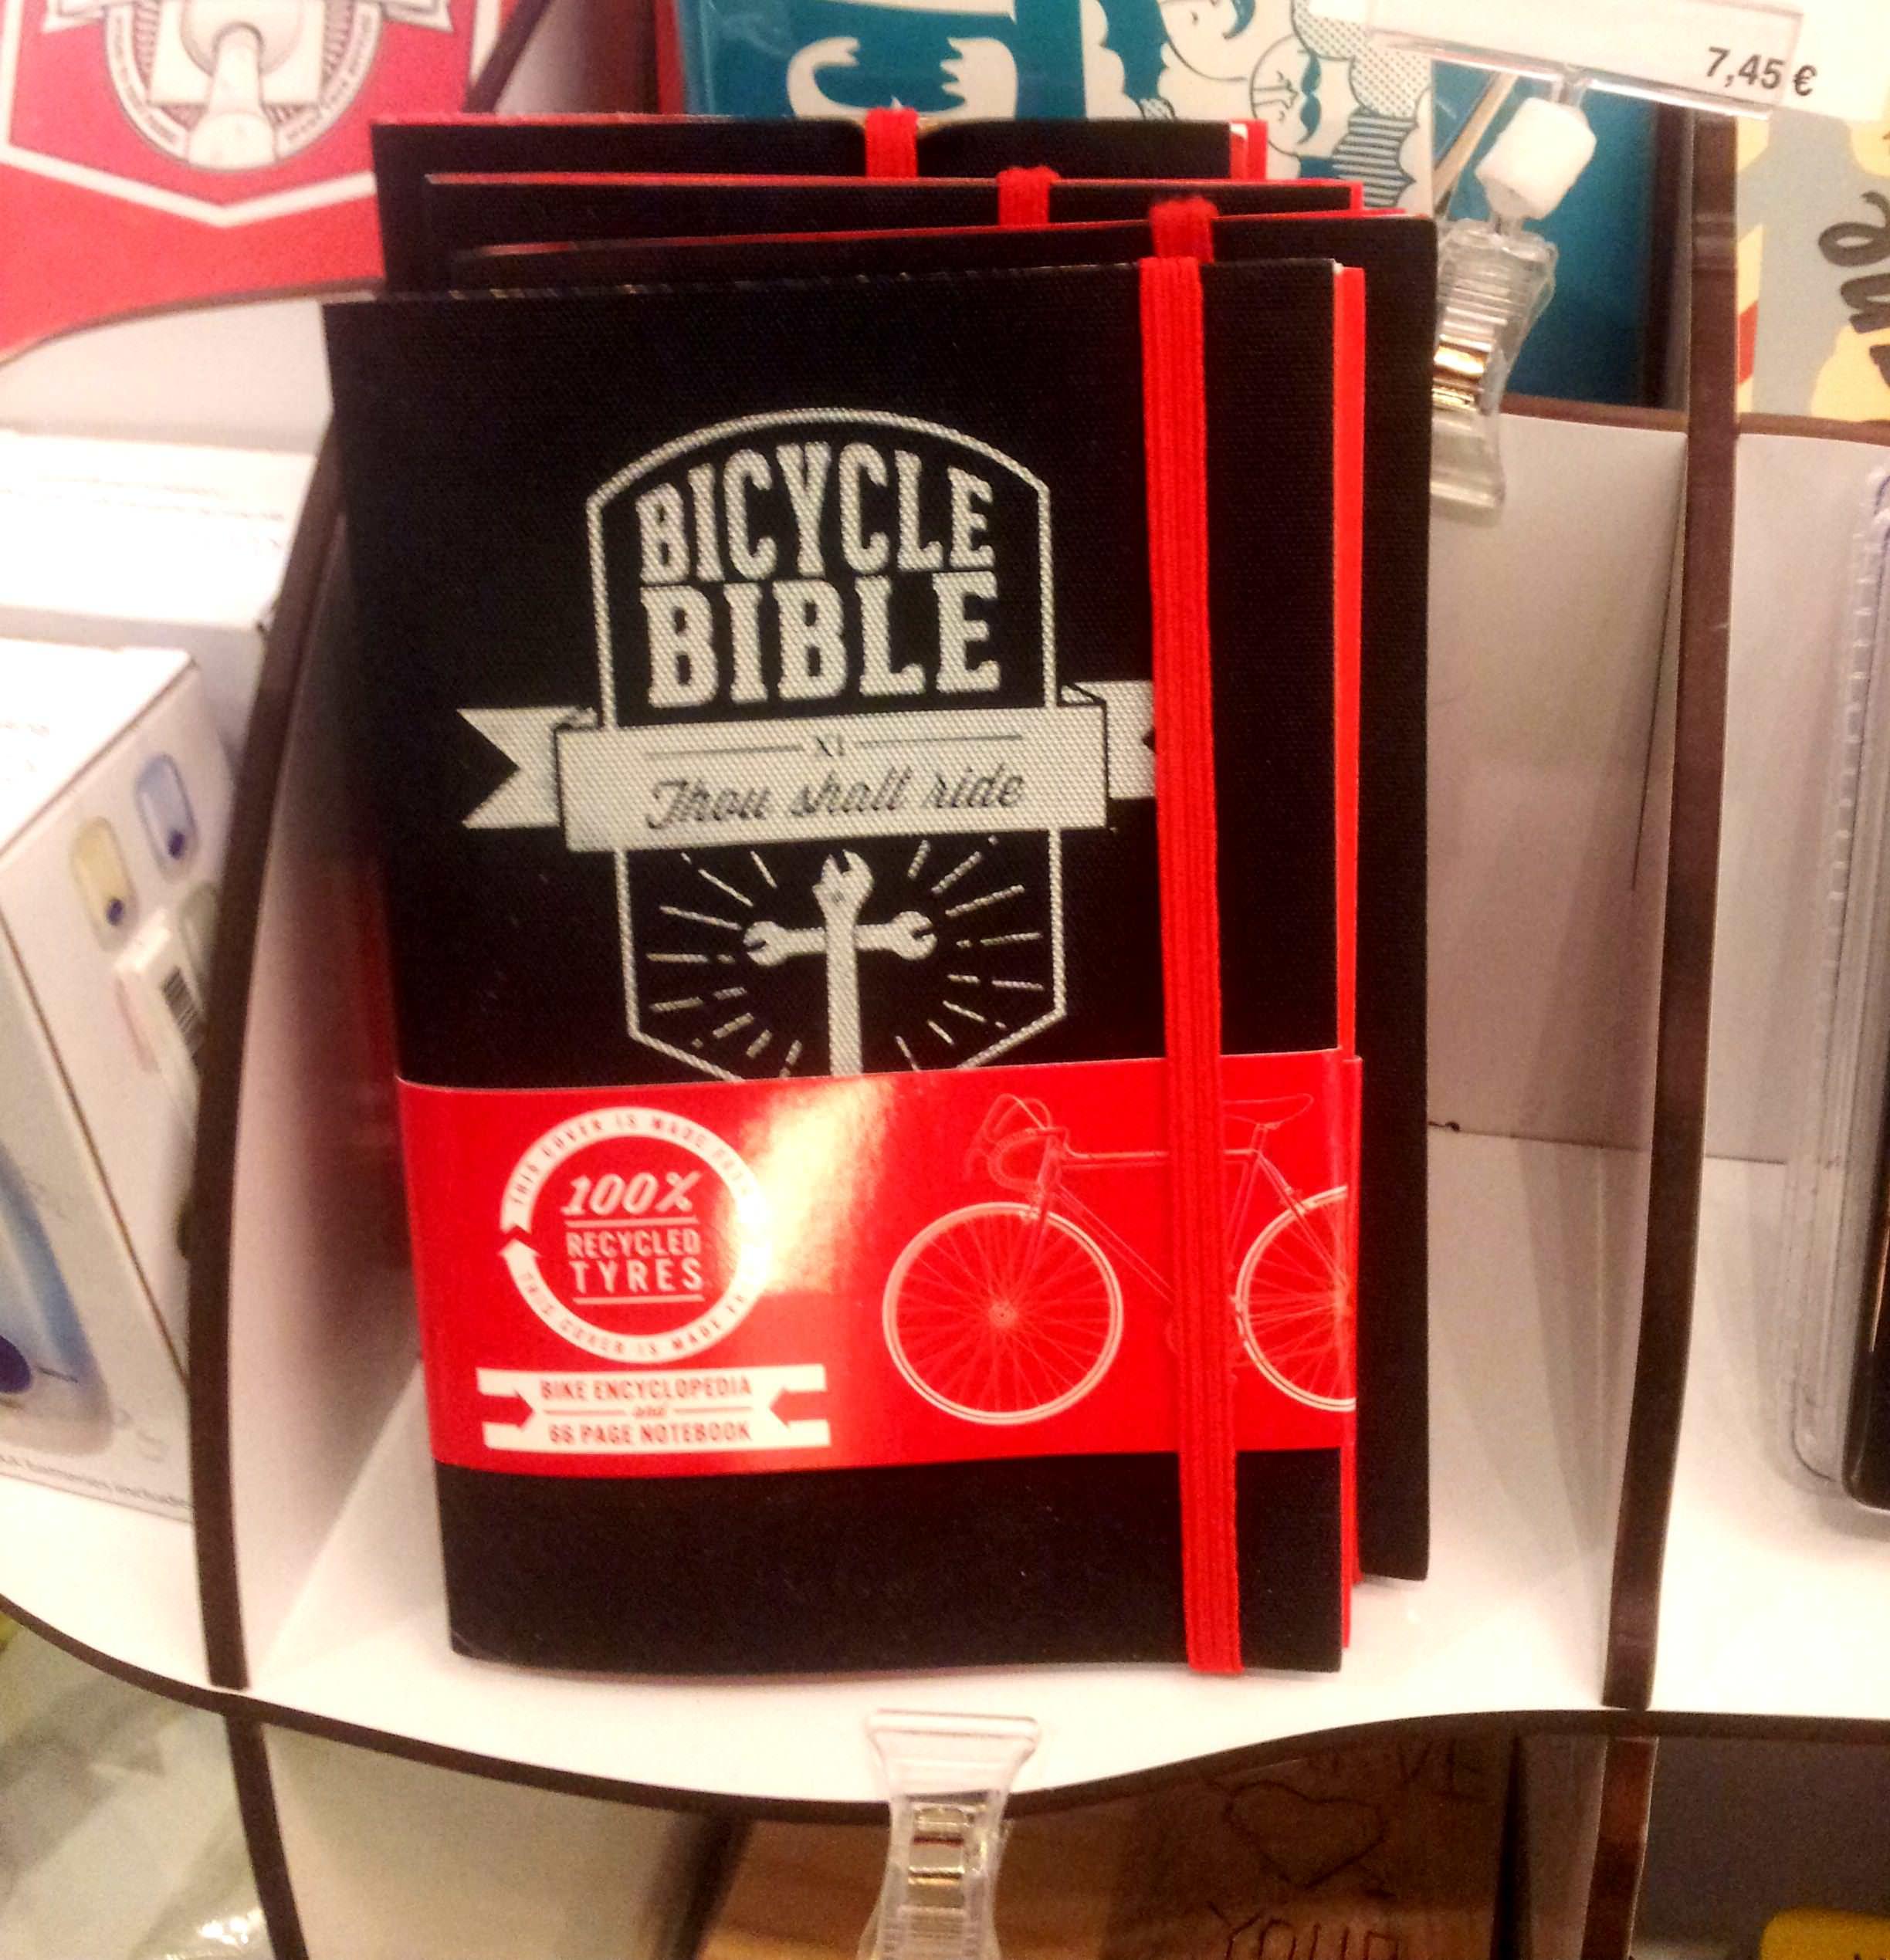 Biblia del Ciclista de Luckies